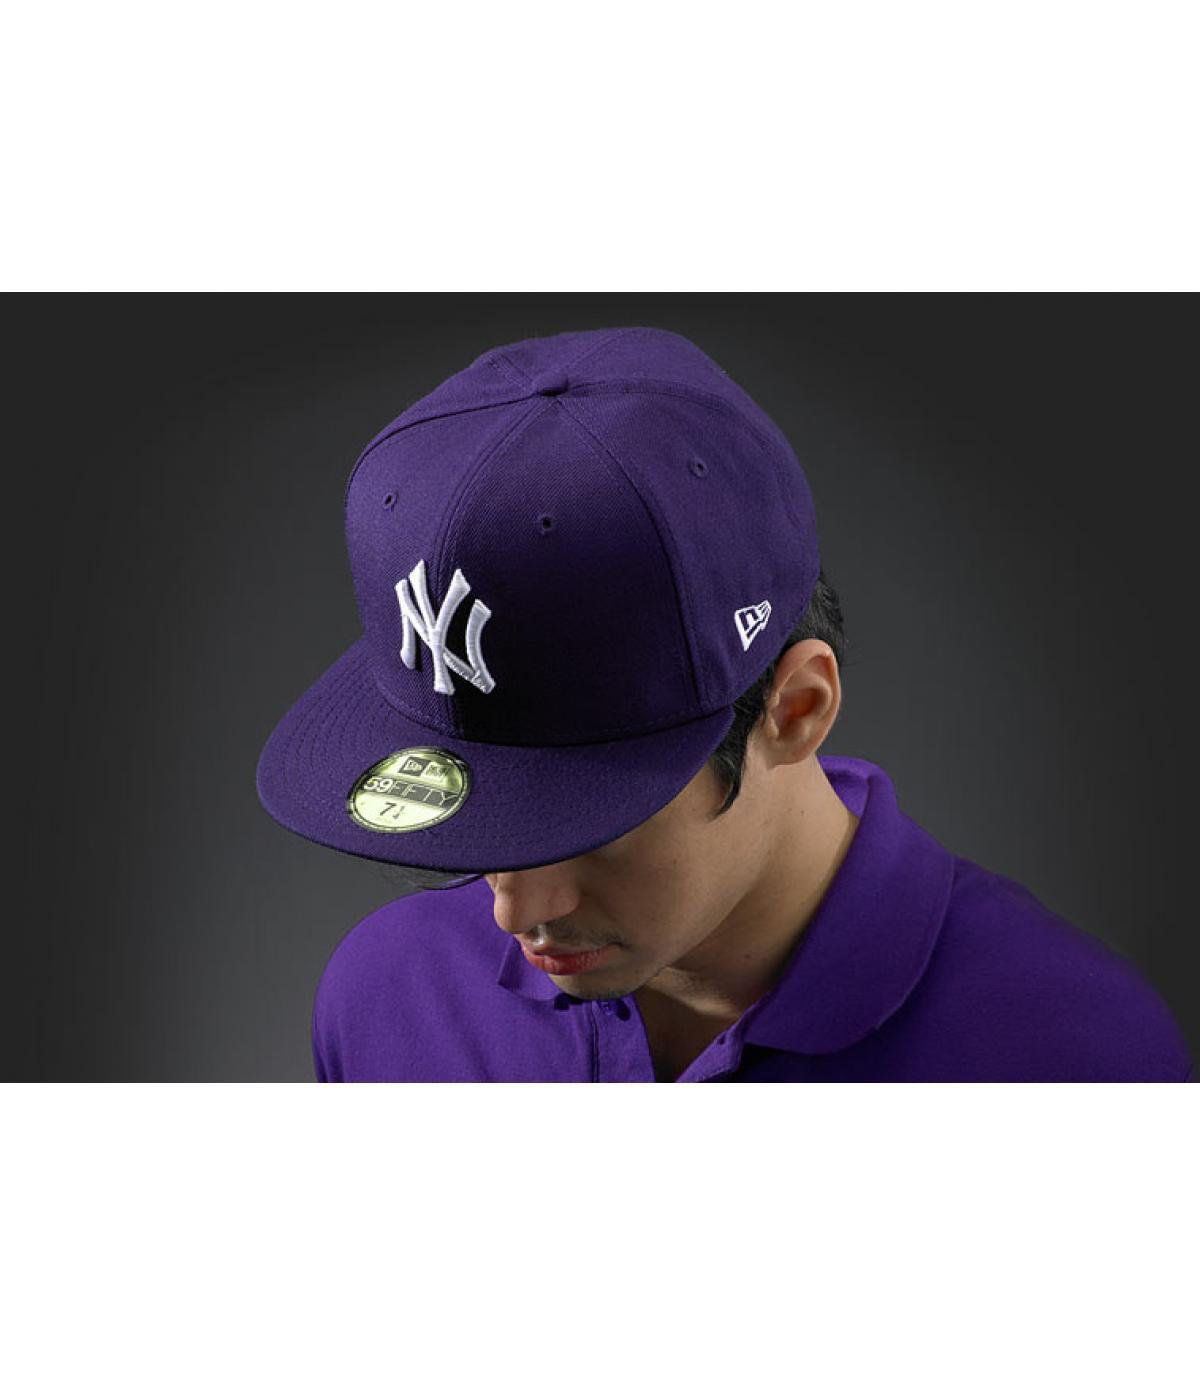 MLB Basic New York blue